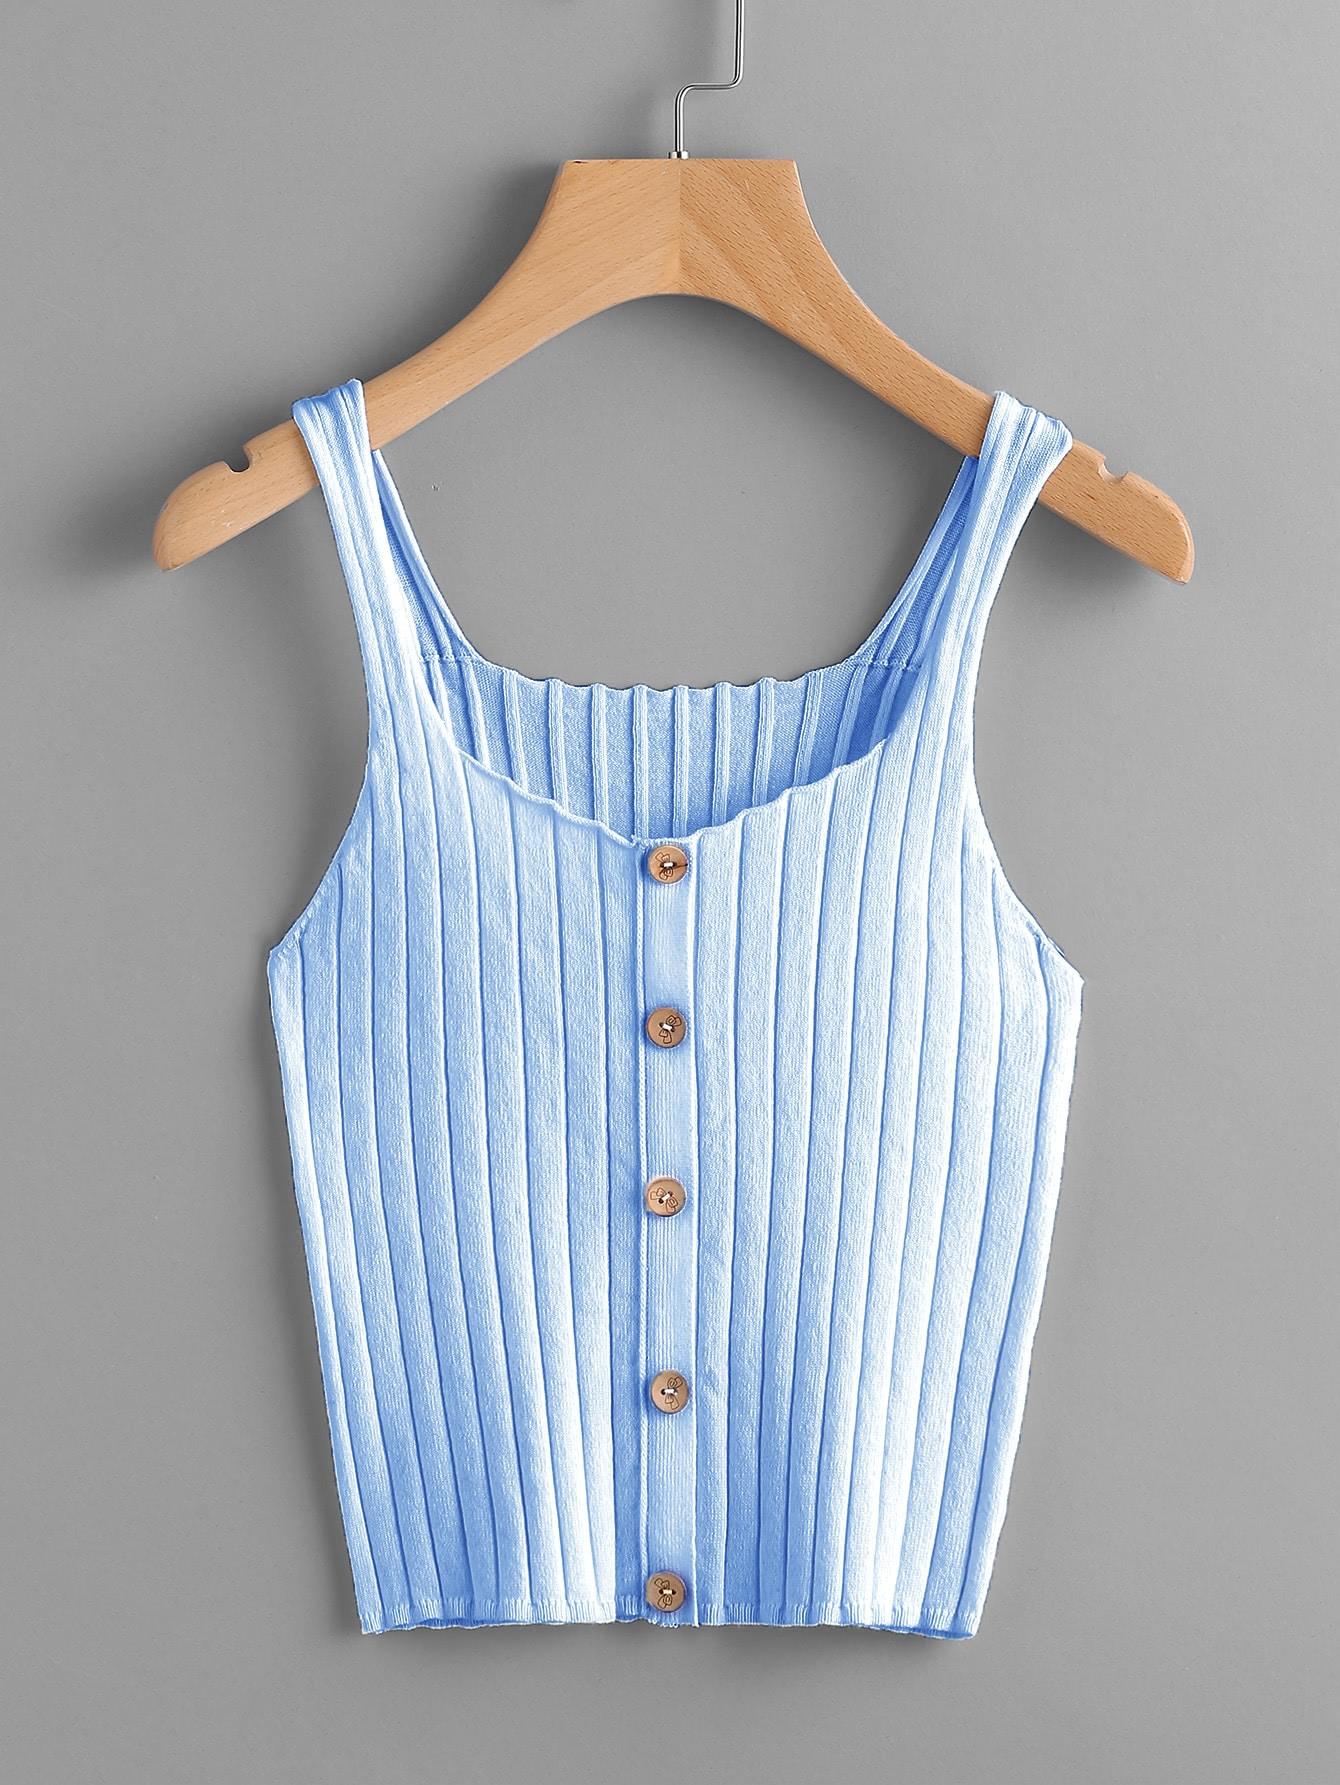 Button Front Rib Knit Top button front rib knit top